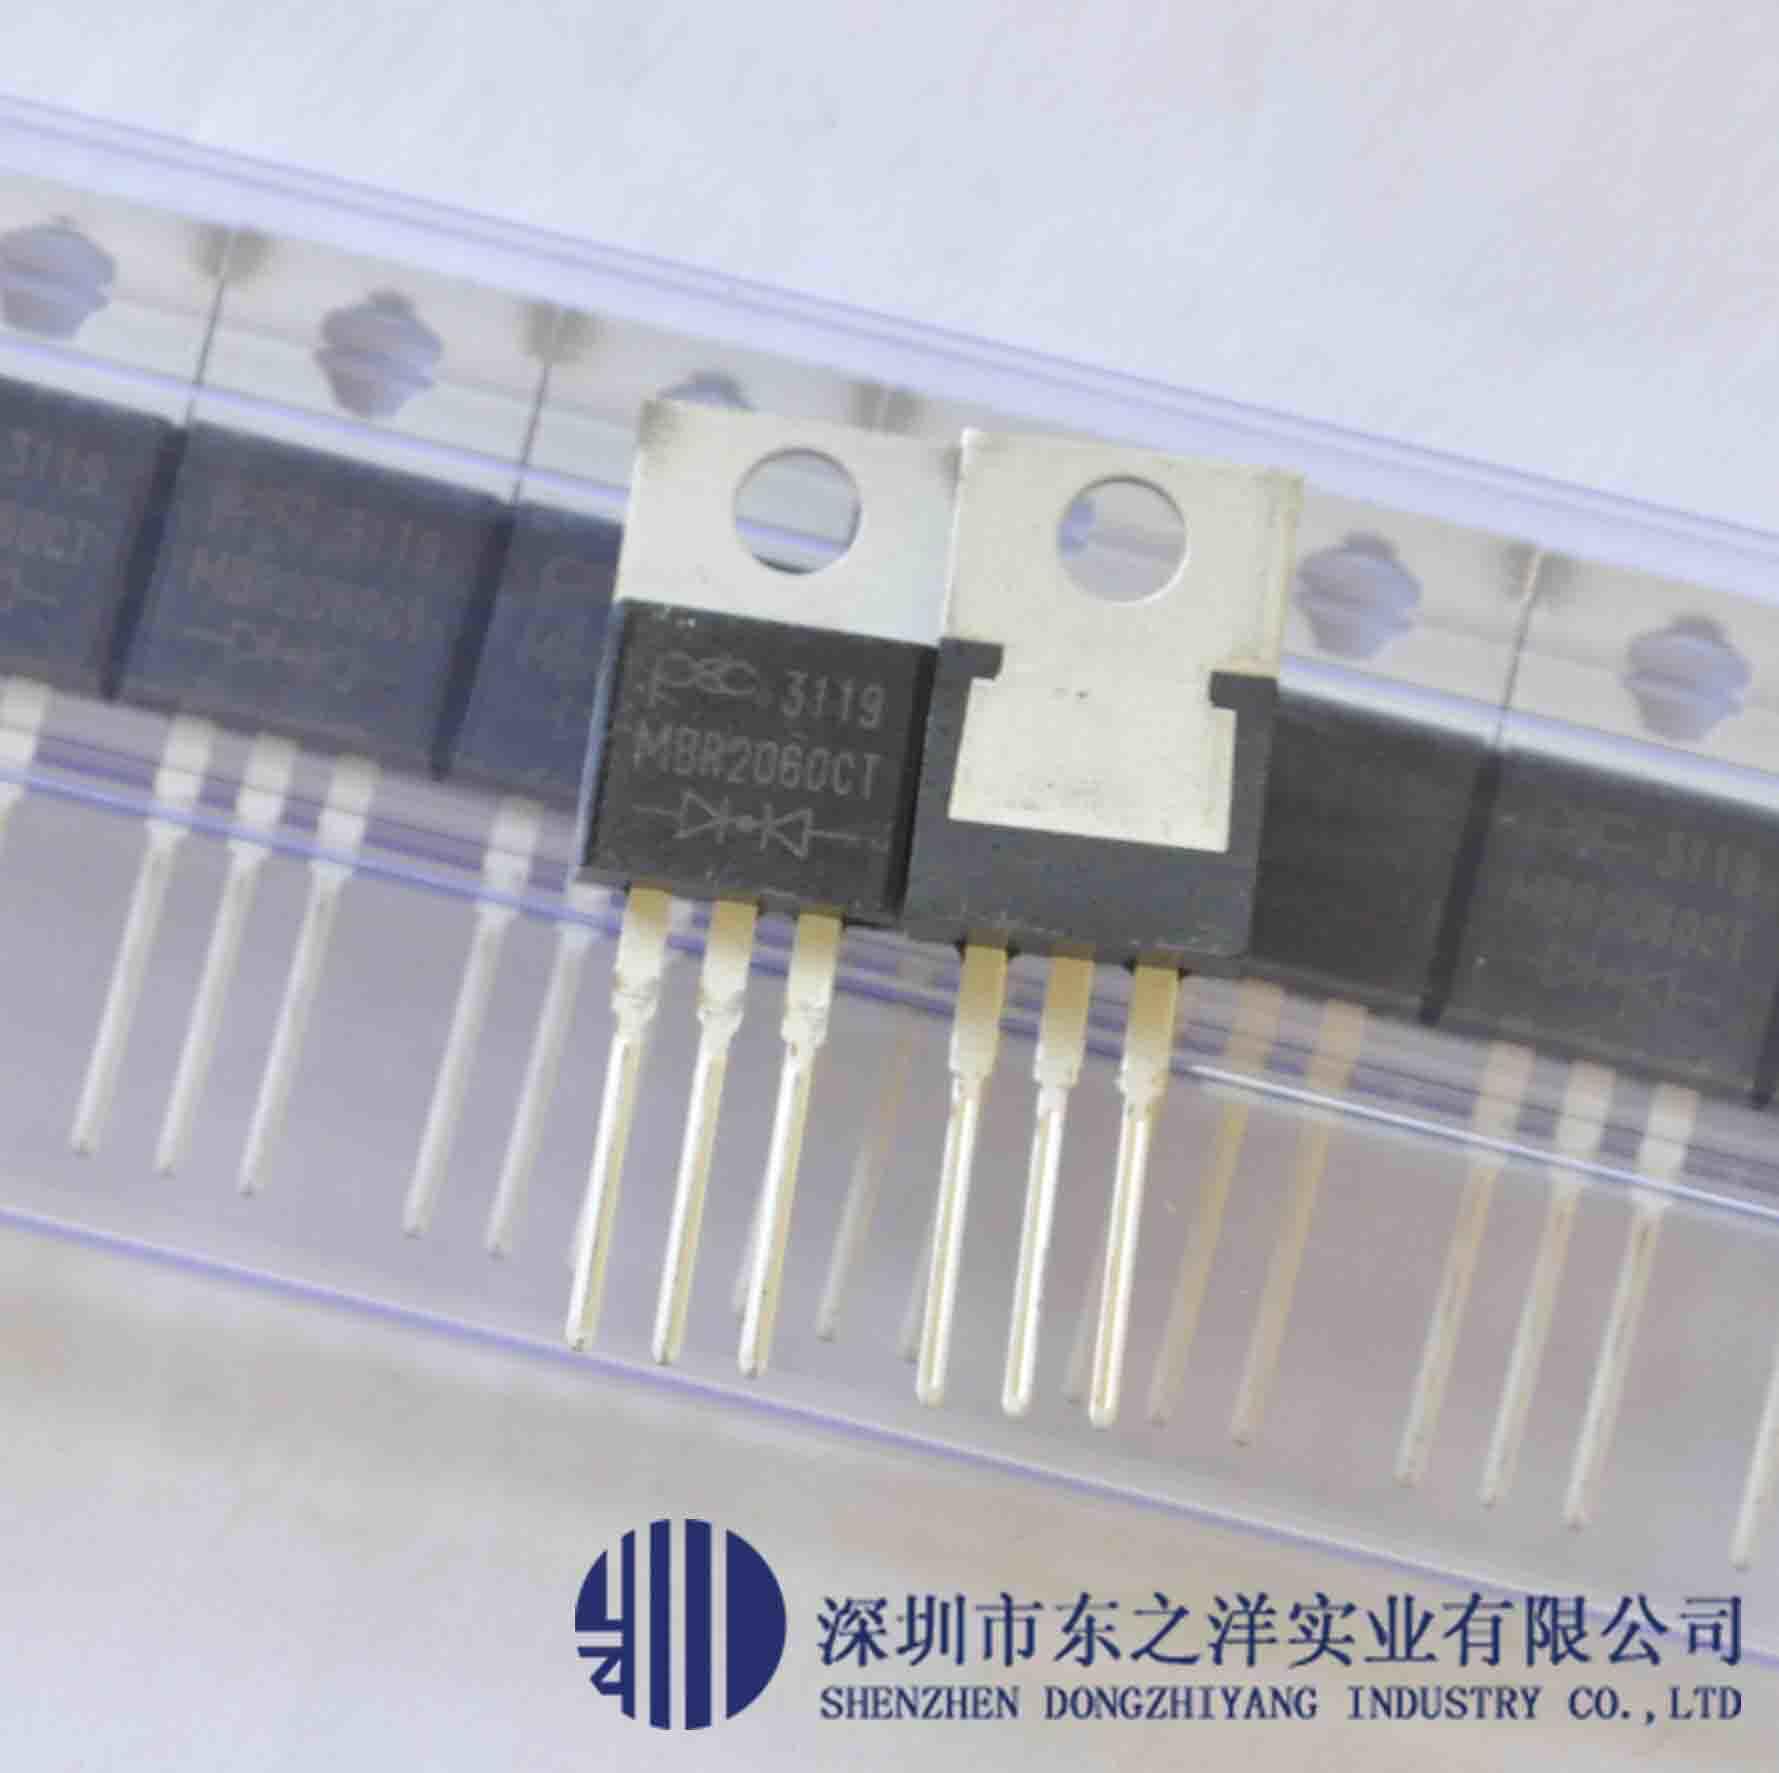 首页 ic 集成电路/ic > 供应  mbr2060ct